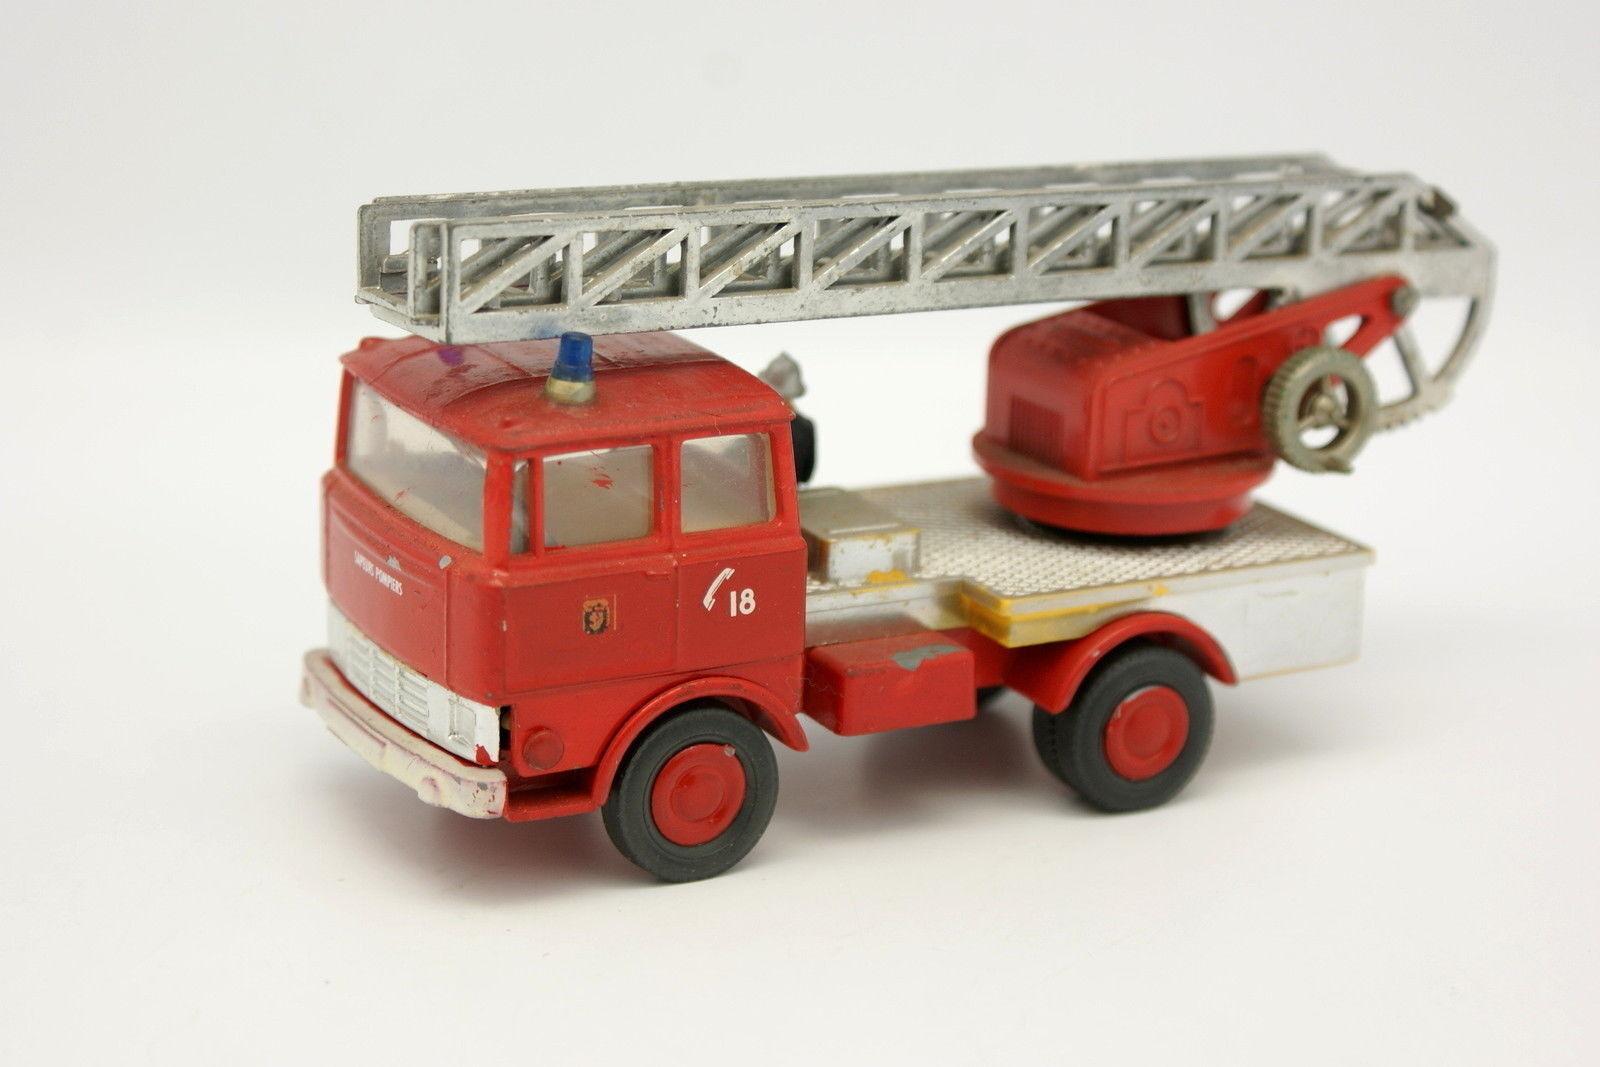 gran descuento Gama 1 50 - - - Faun Camión de Bomberos B  barato